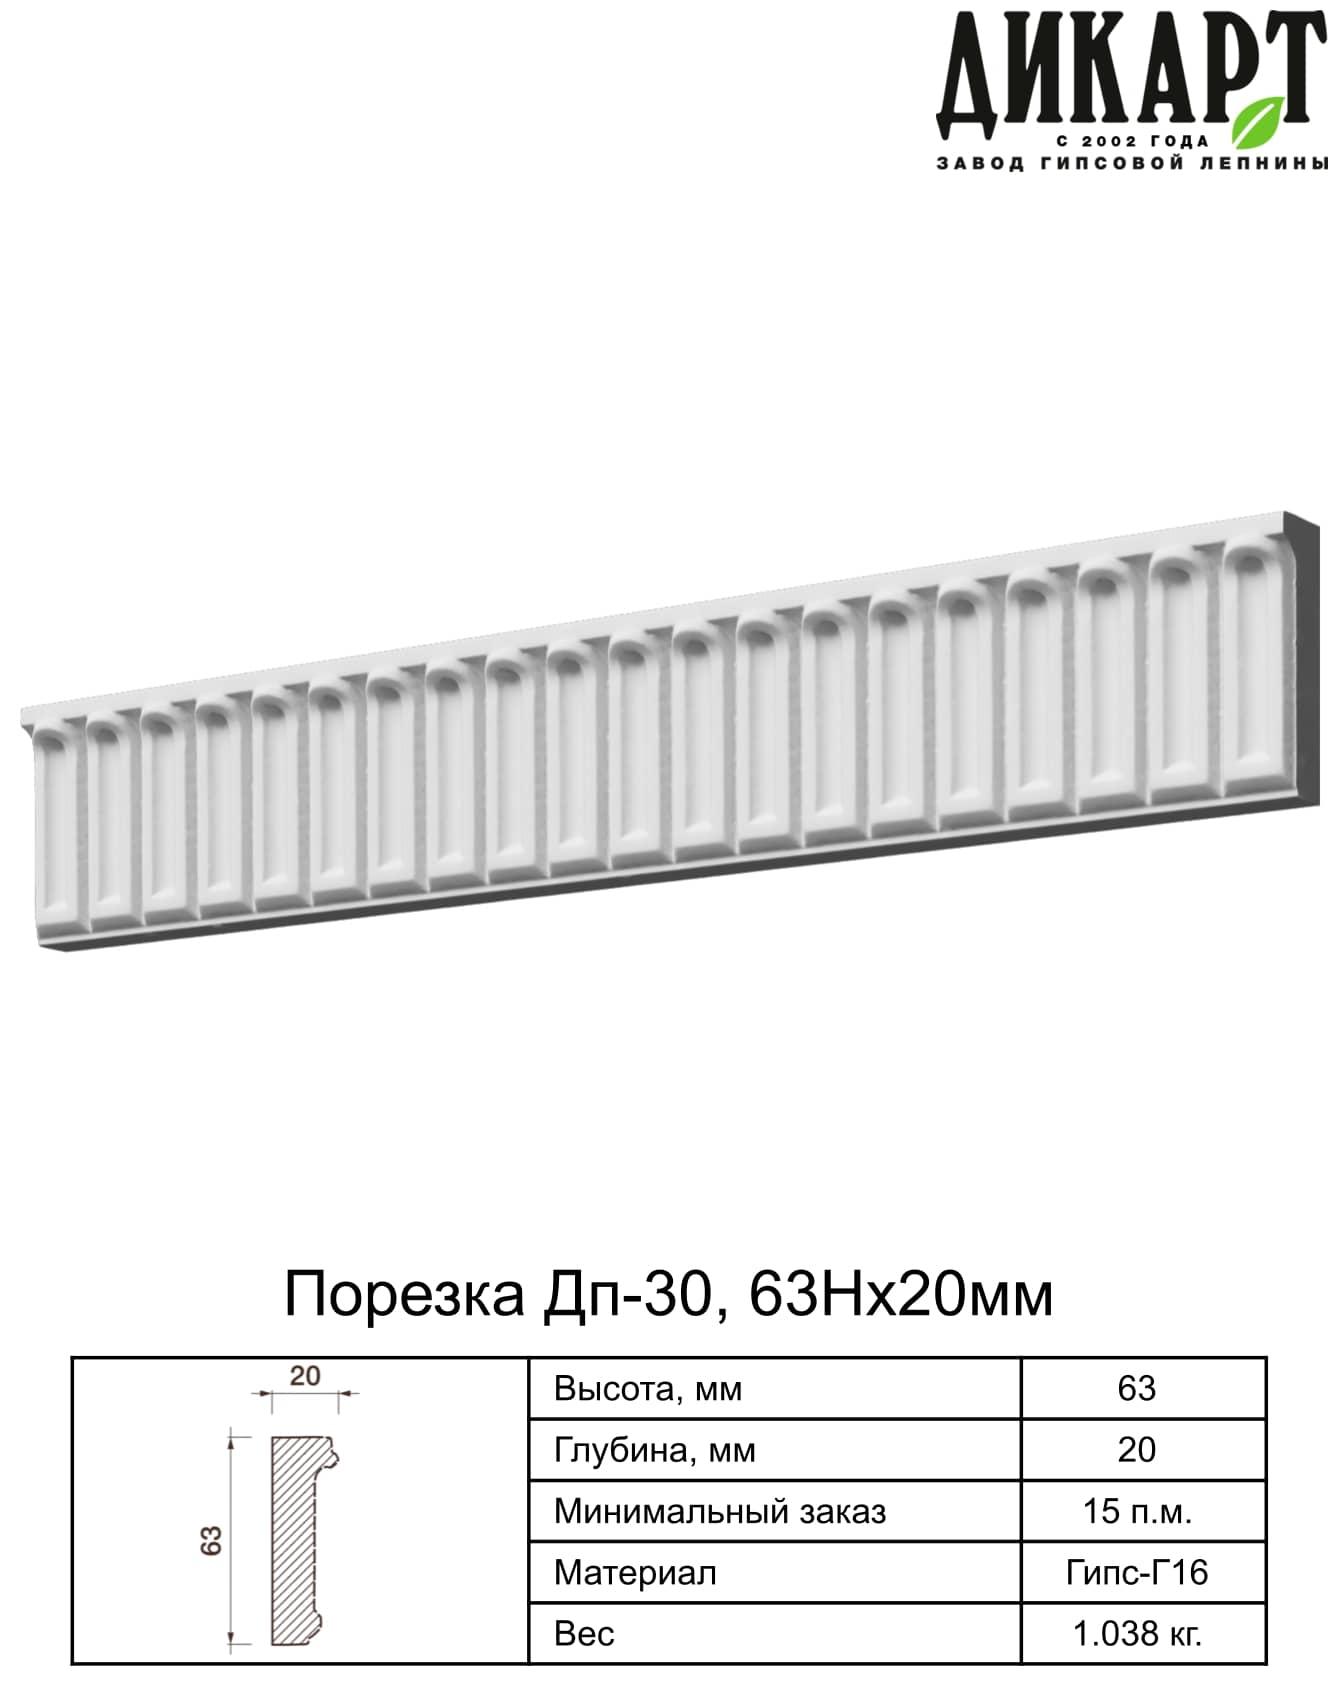 Порезка_Дп-30